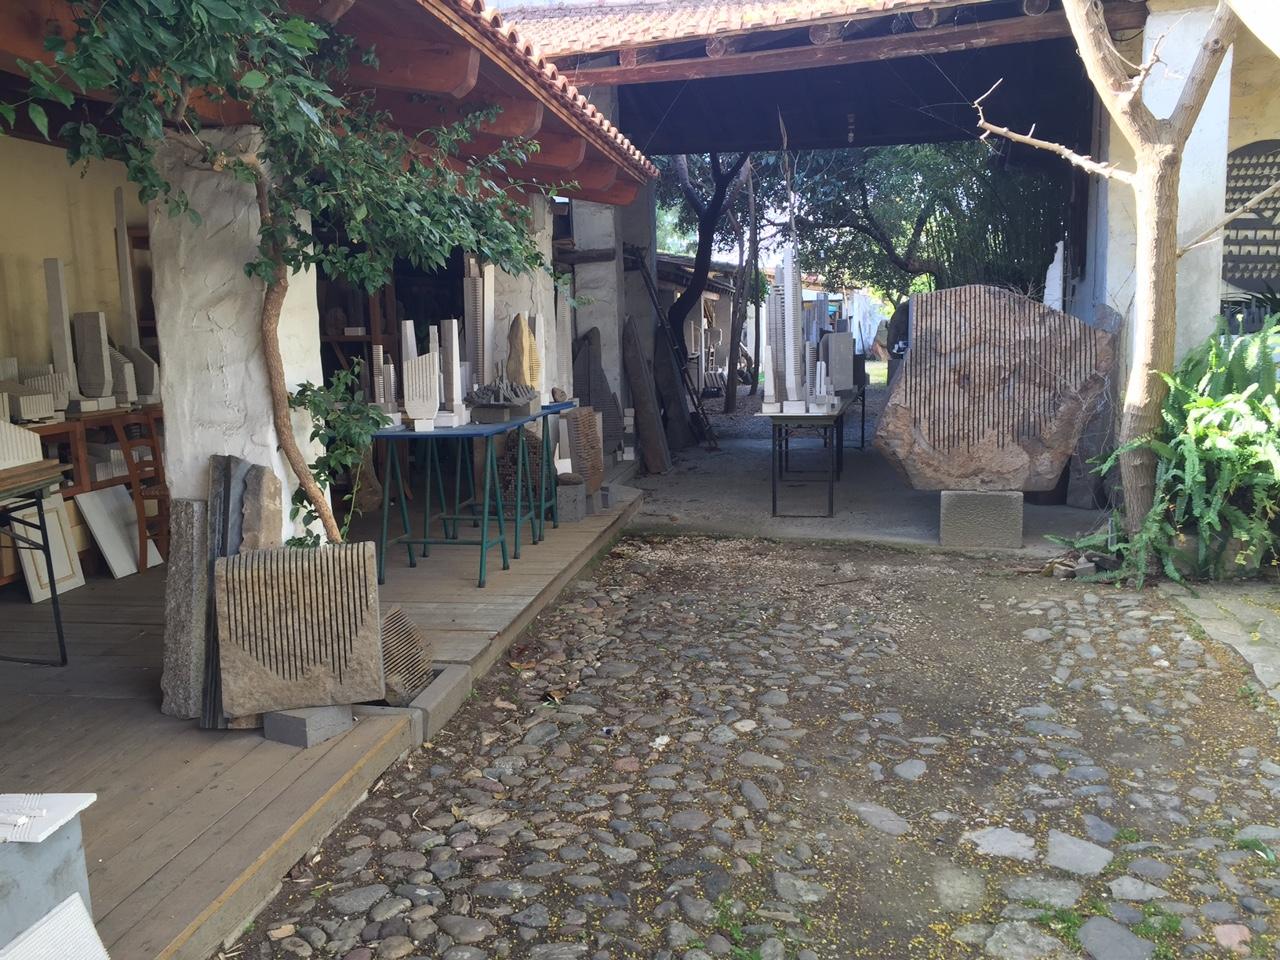 Morto pinuccio sciola nella casa dello scultore for Corriere della casa